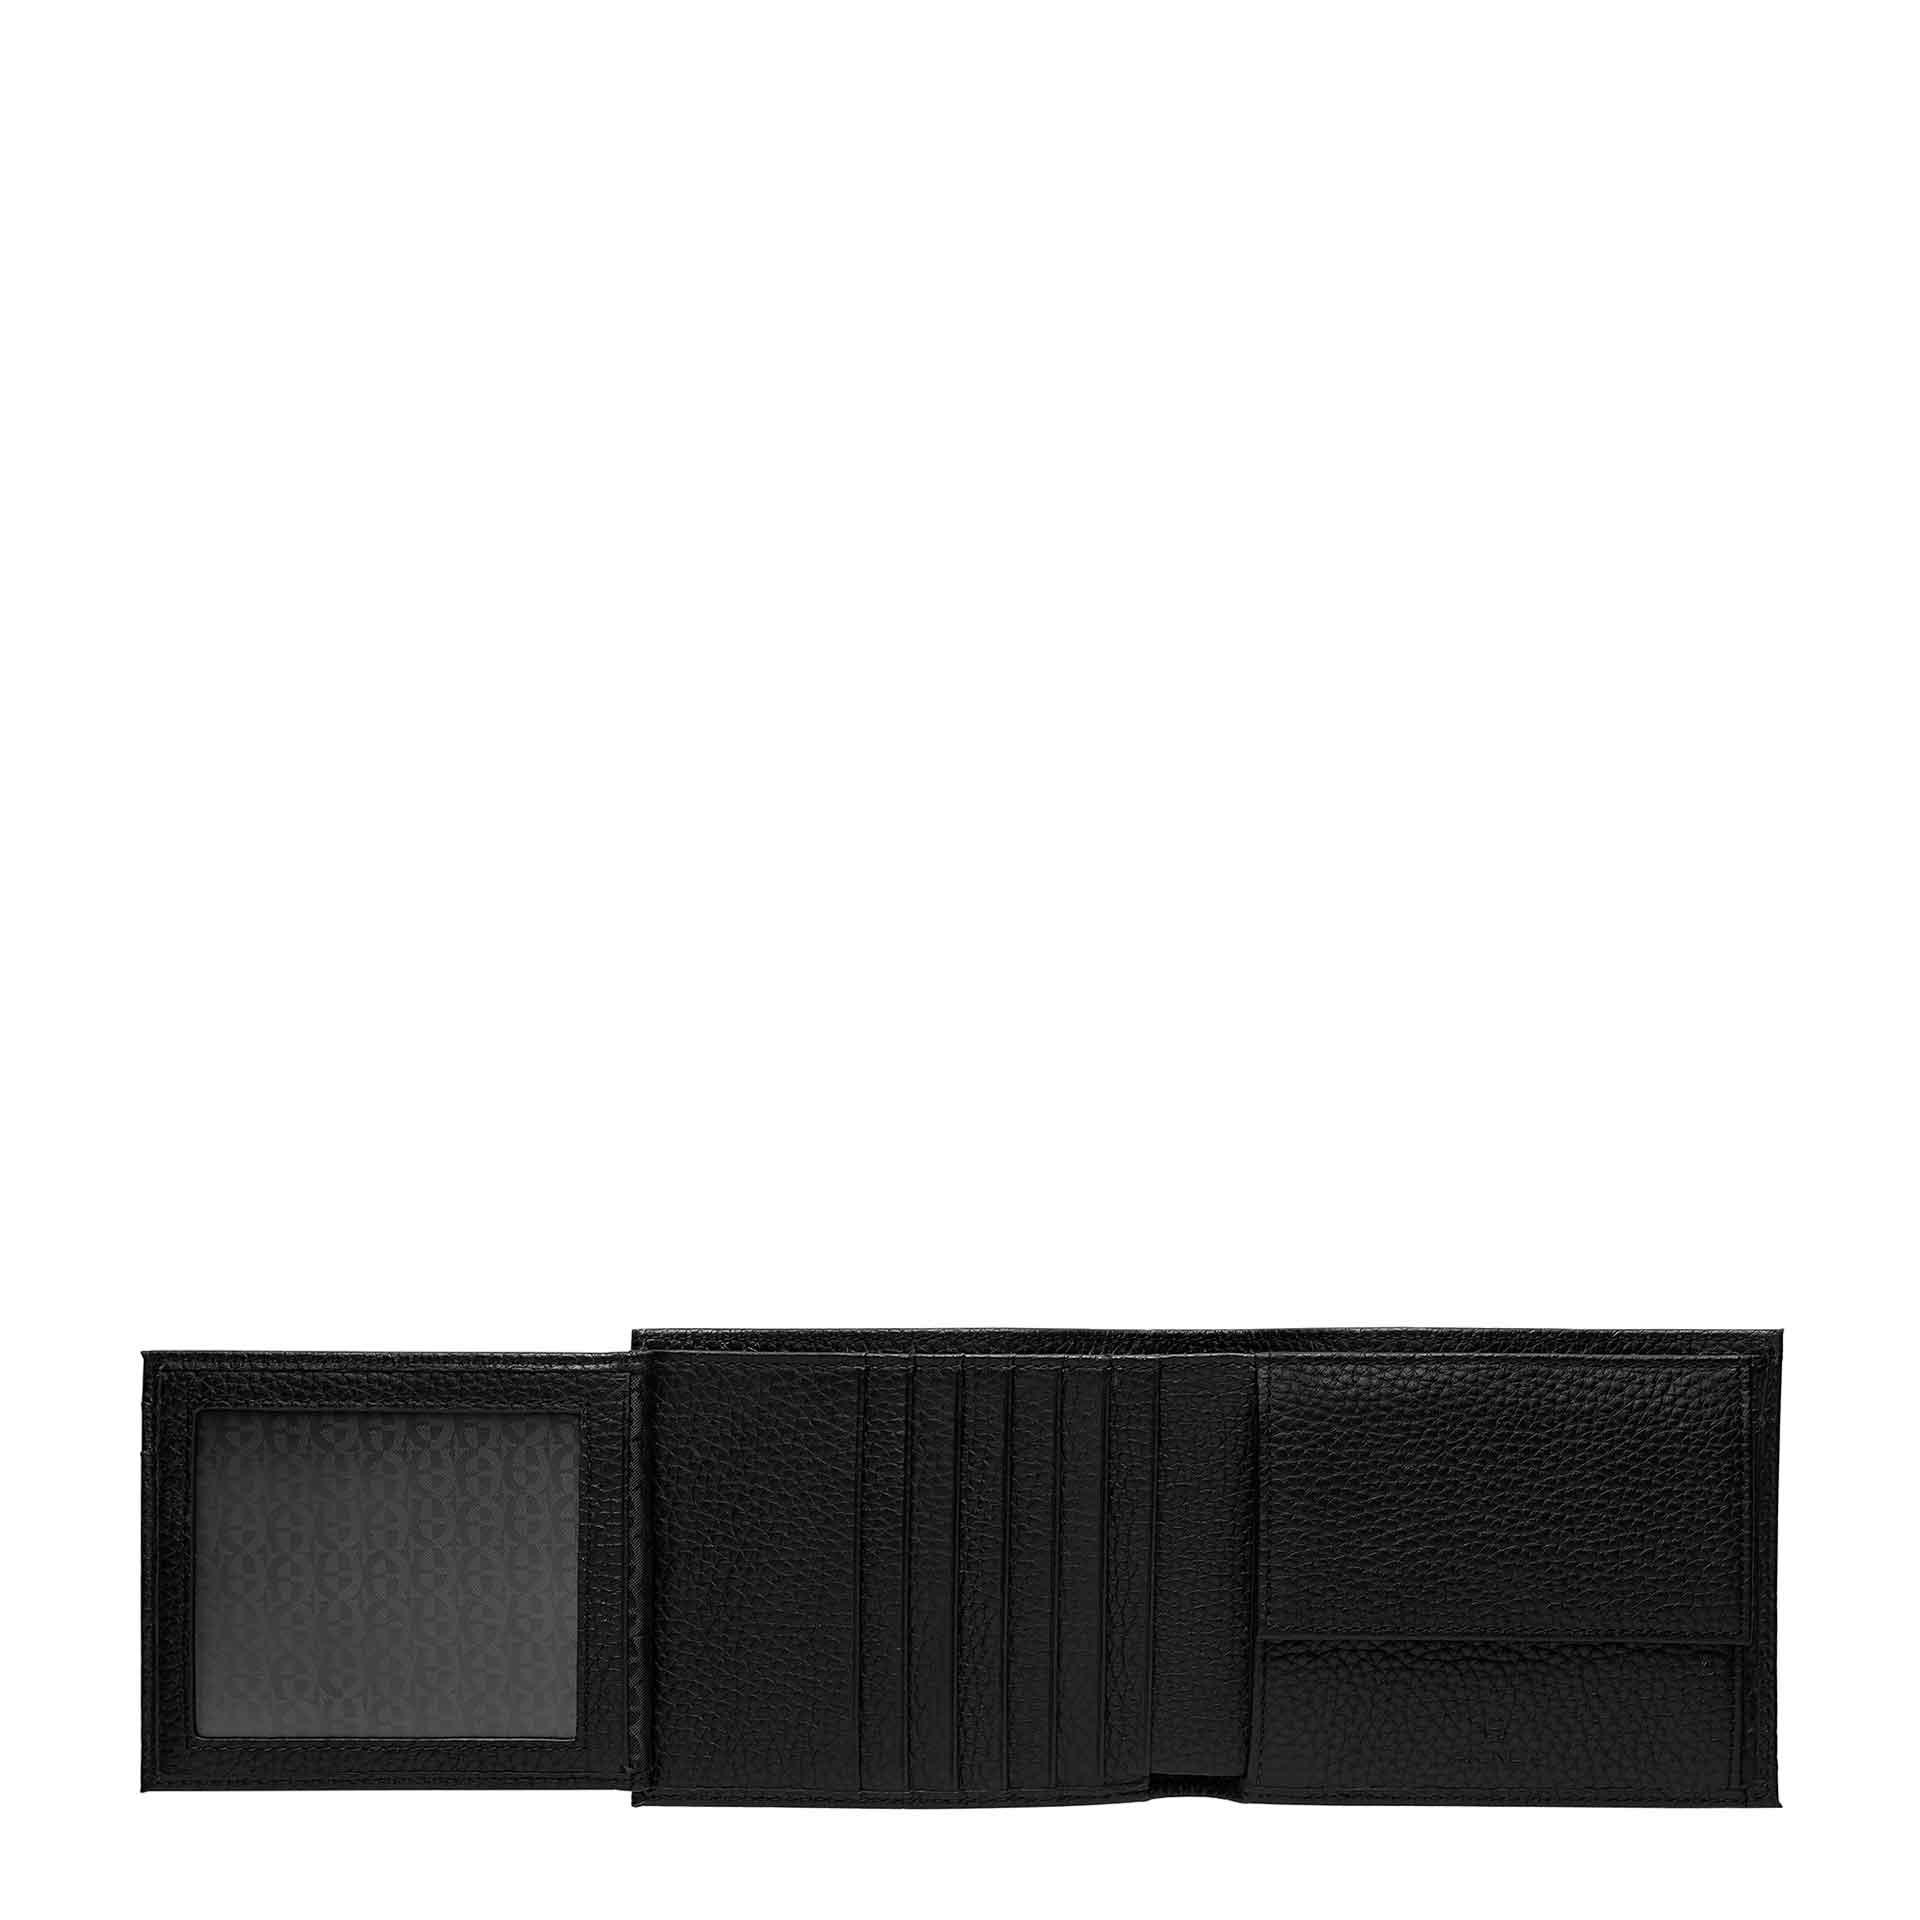 Aigner Basics Kombibörse black